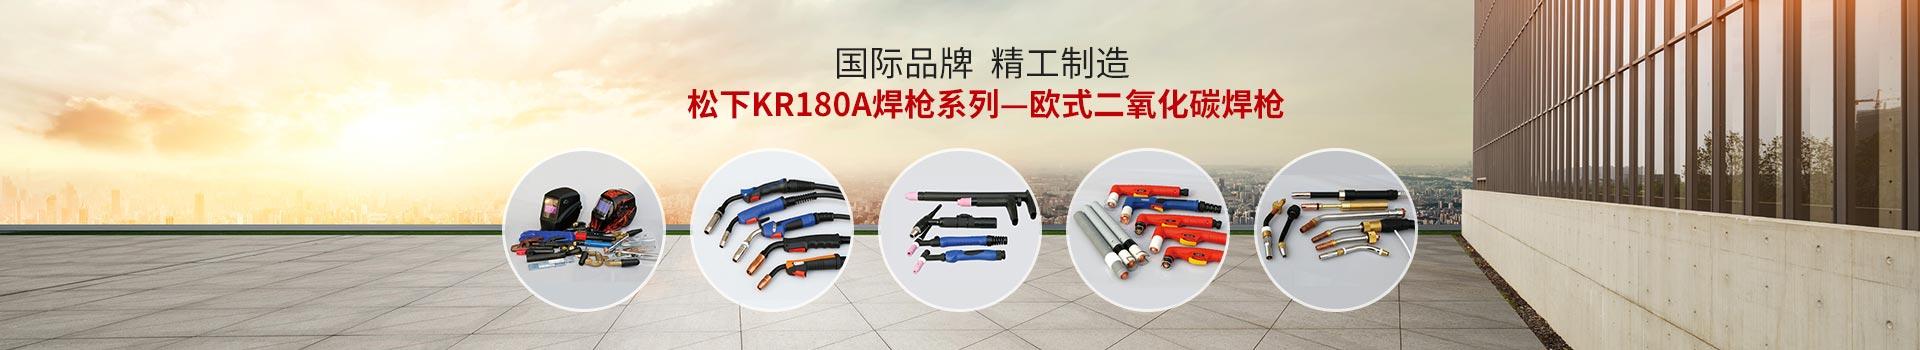 国际品牌  精工制造 松下KR180A焊枪系列—欧式二氧化碳焊枪